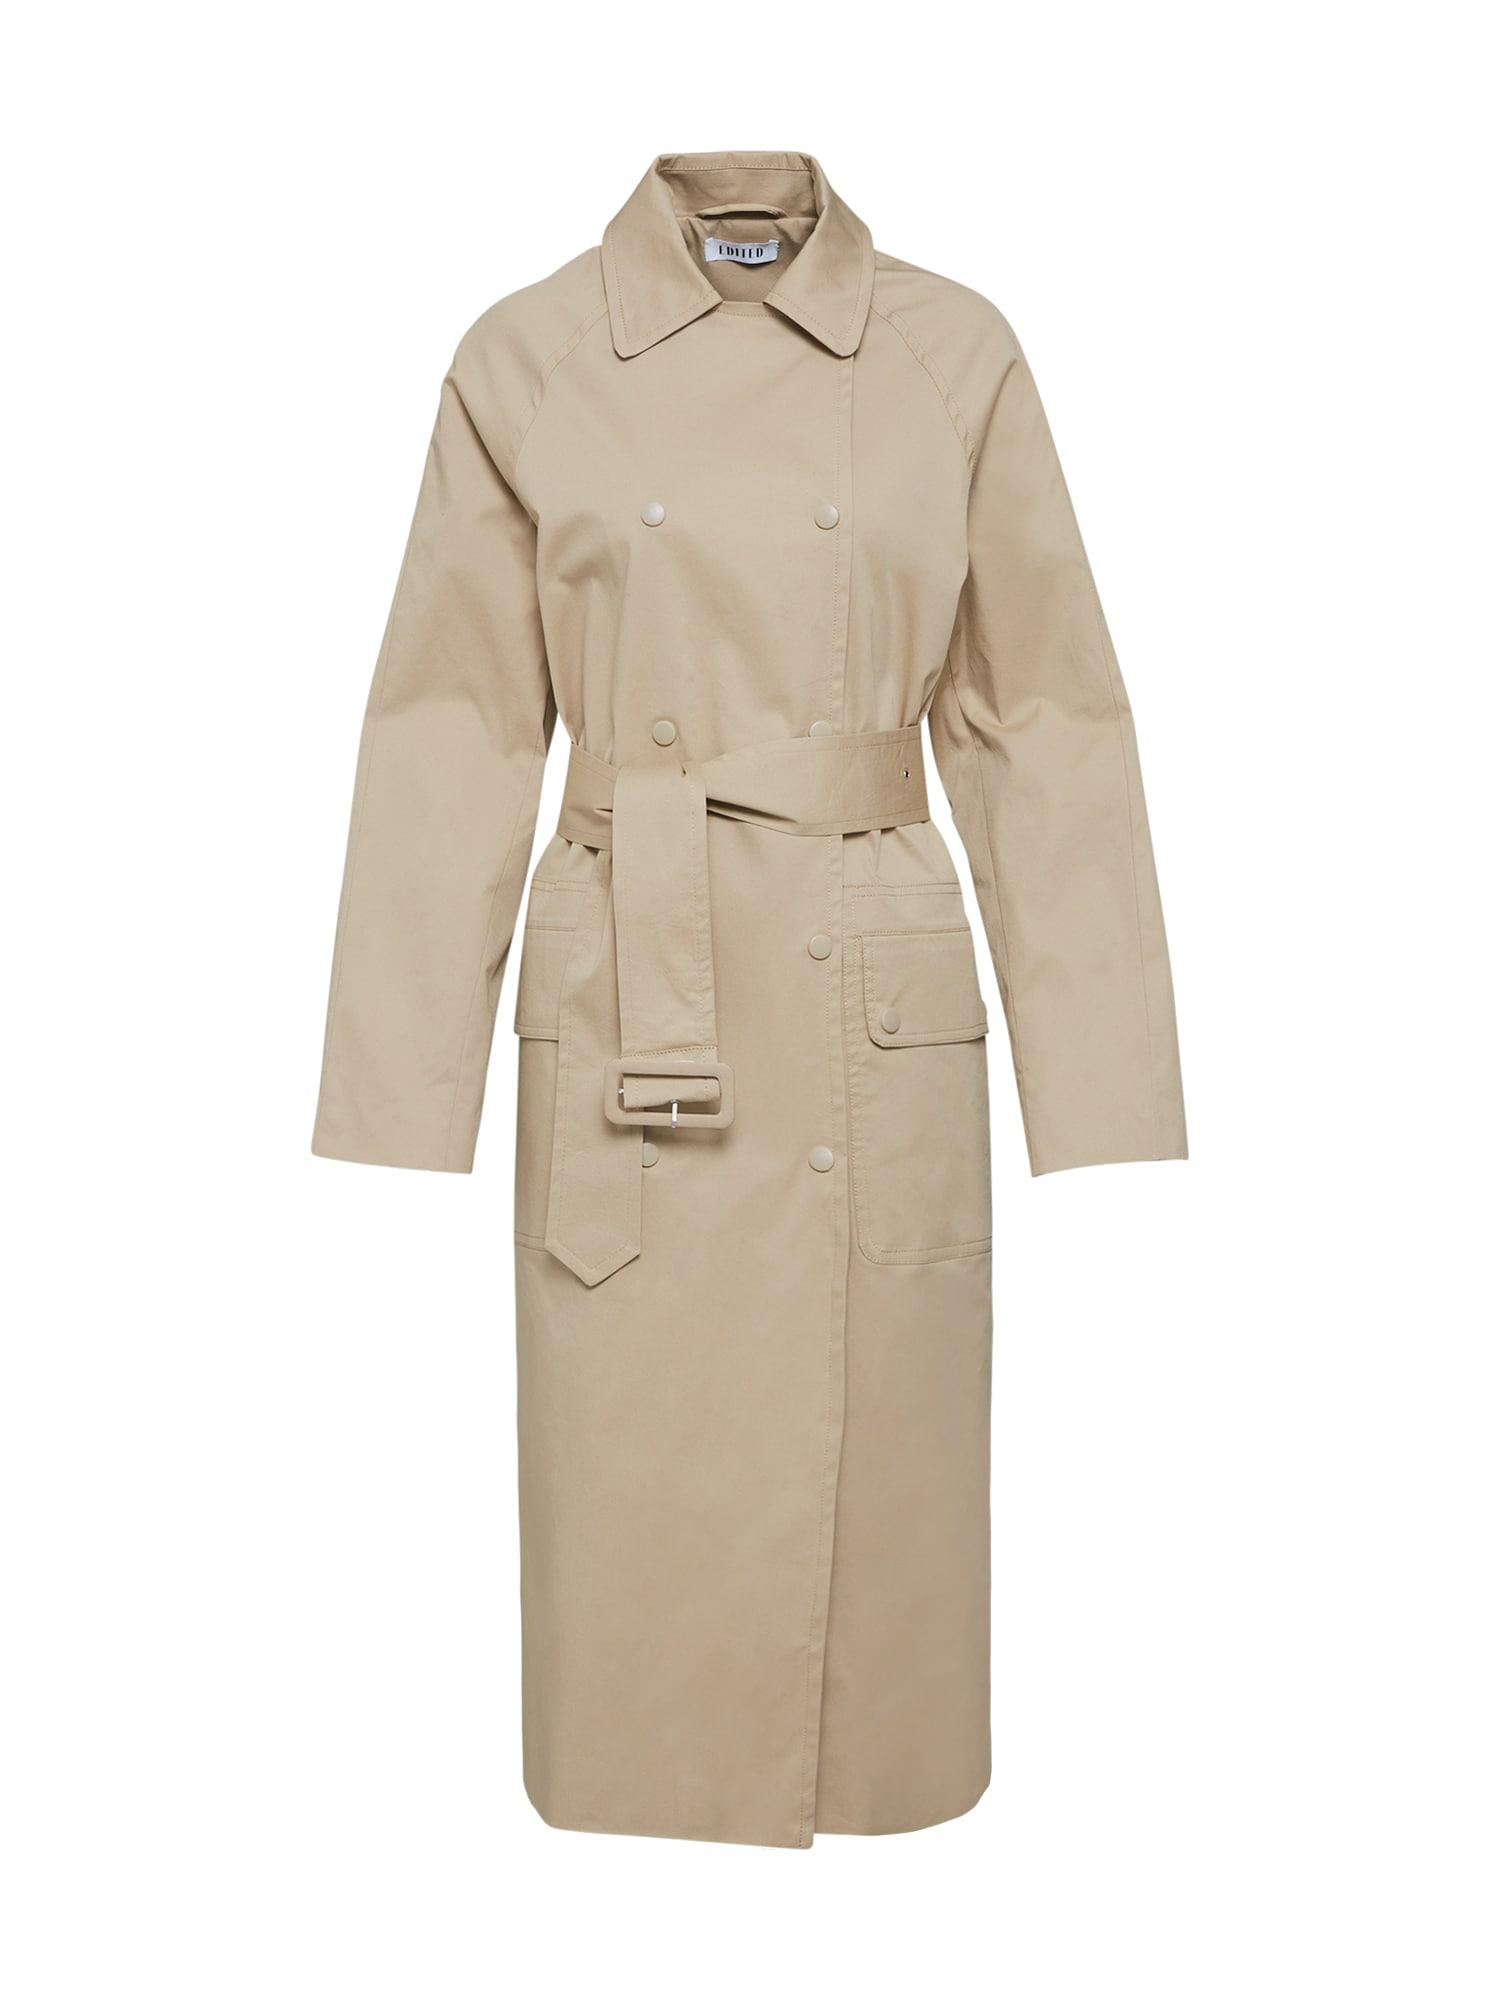 EDITED Rudeninis-žieminis paltas 'Janne' smėlio / kupranugario